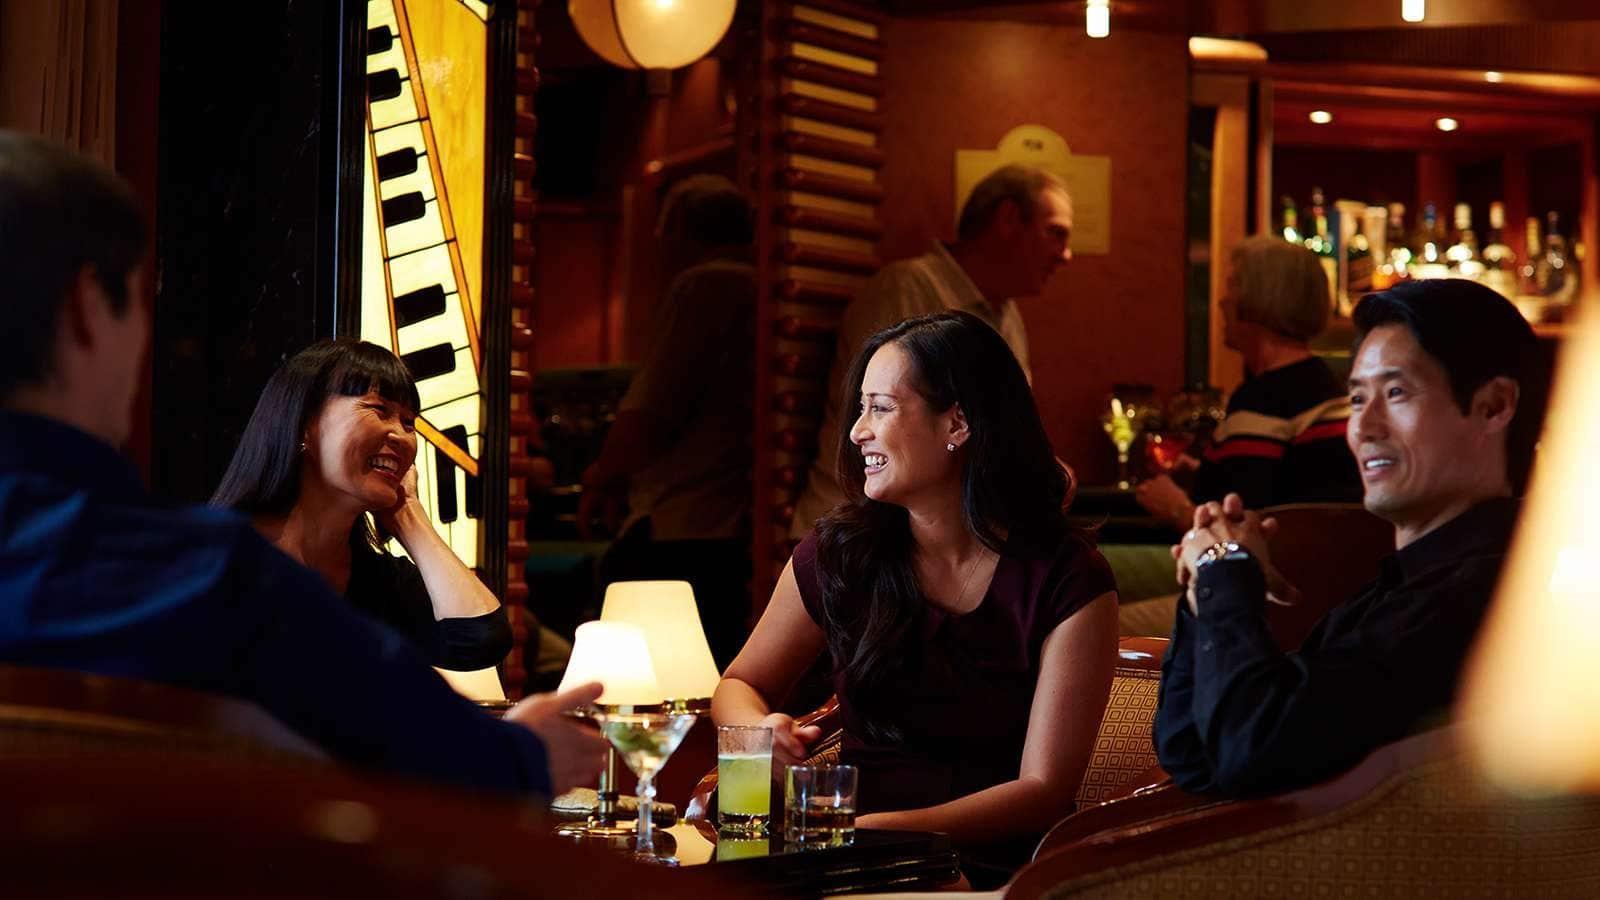 克罗地亚酒吧 Crooners Lounge & Bar